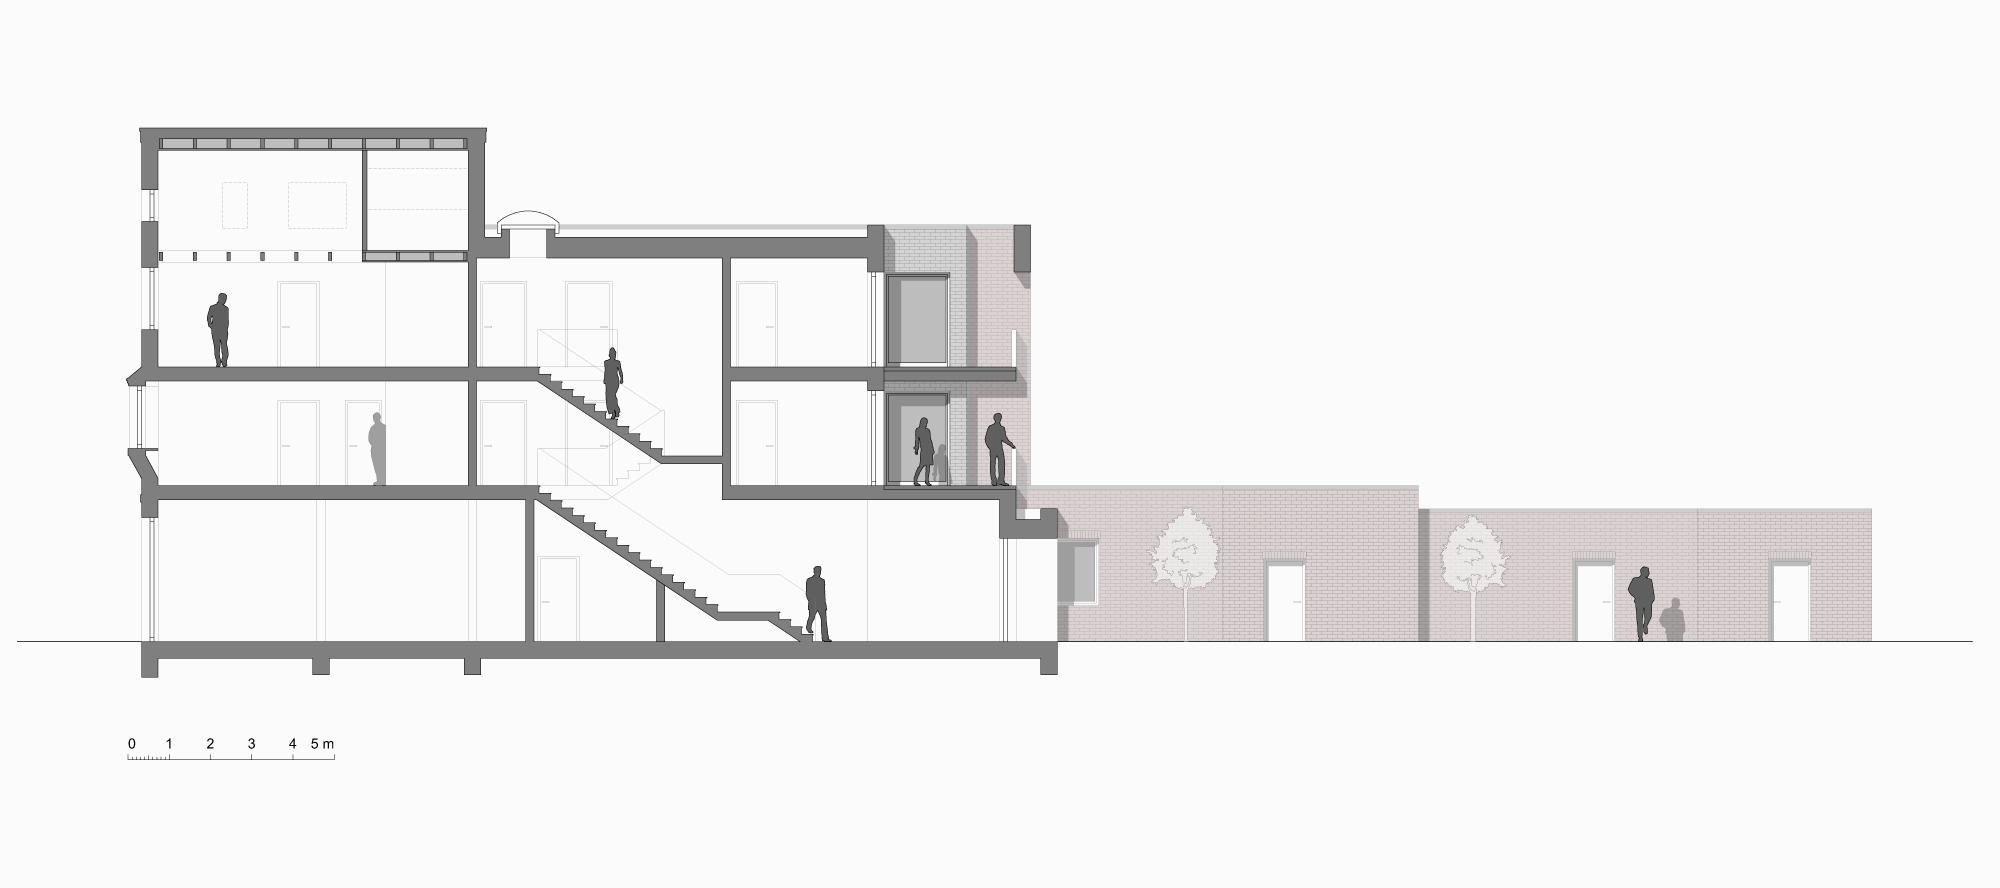 Architektur Bosse Westphal Schaffer